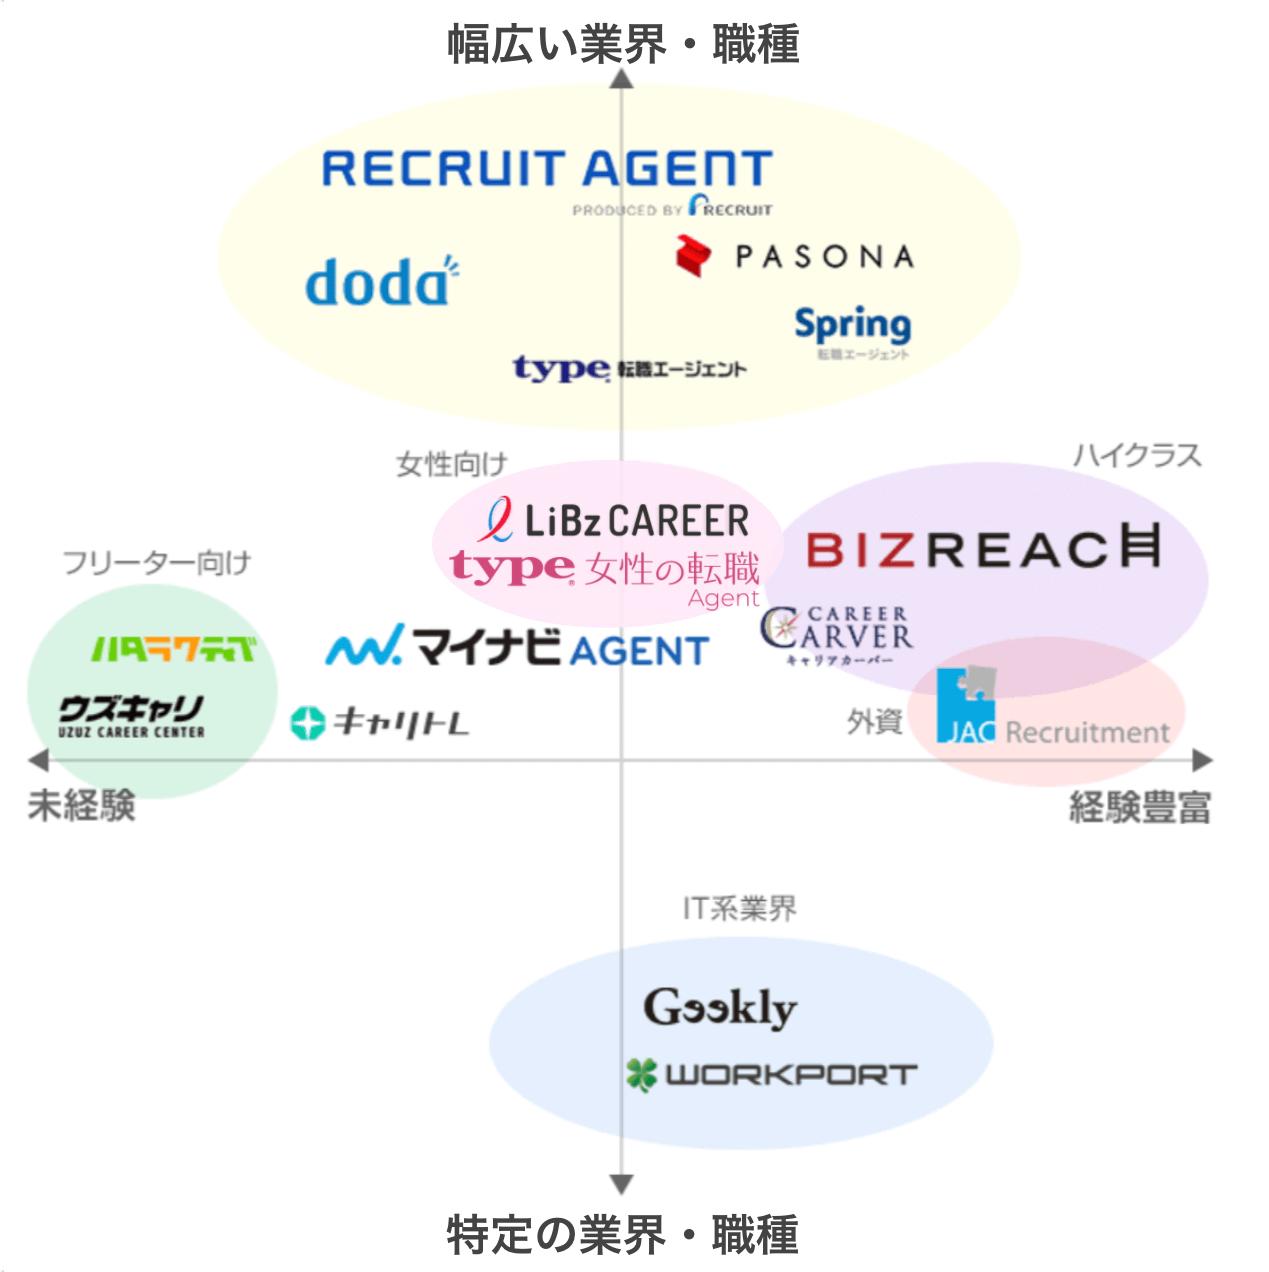 転職エージェント特徴のポジショニングマップ